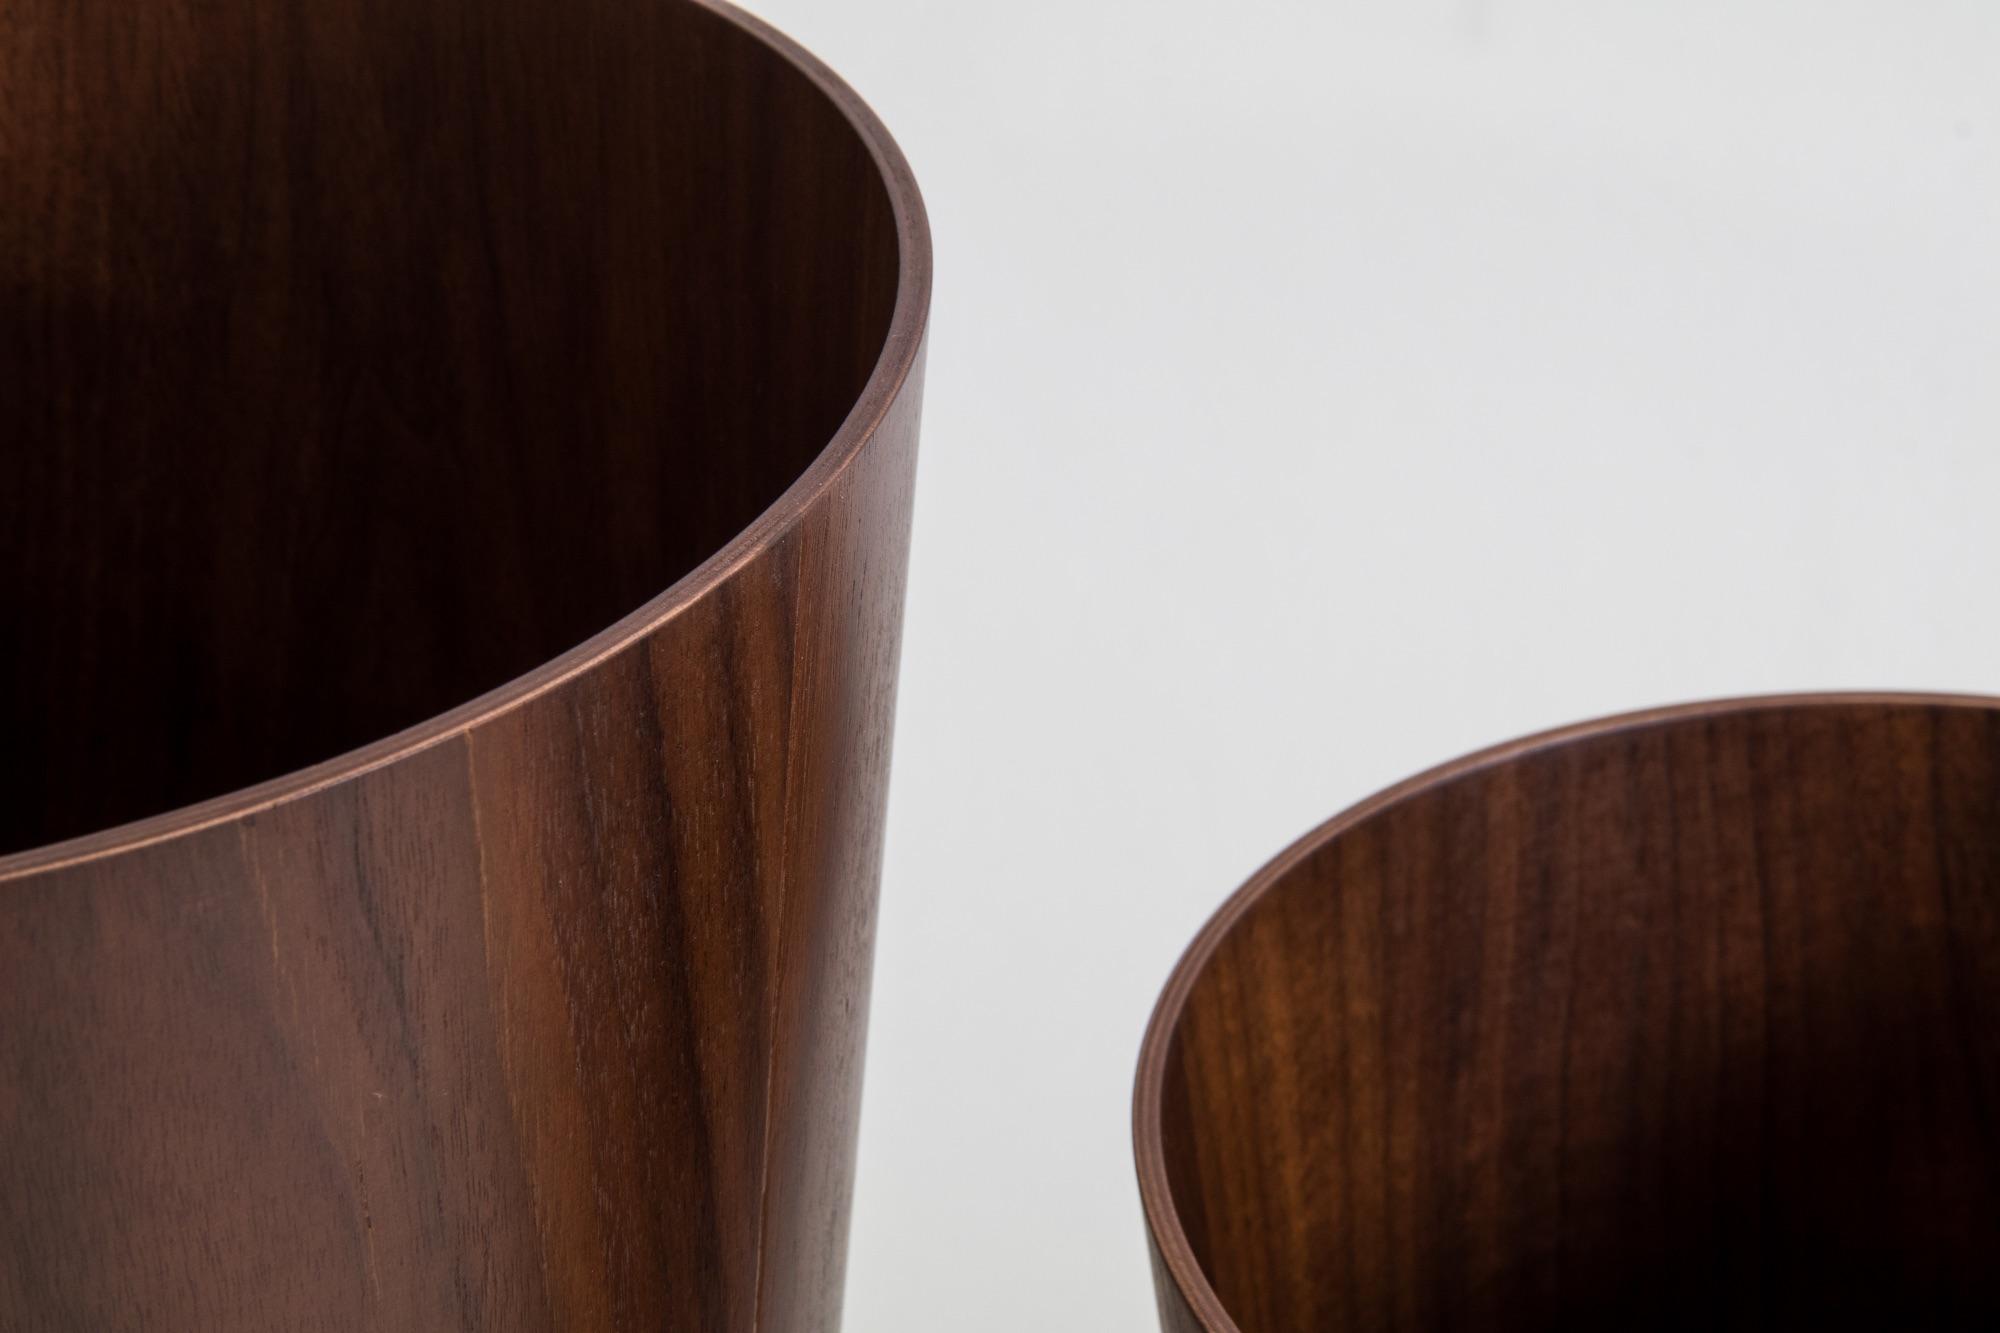 Saito Wood